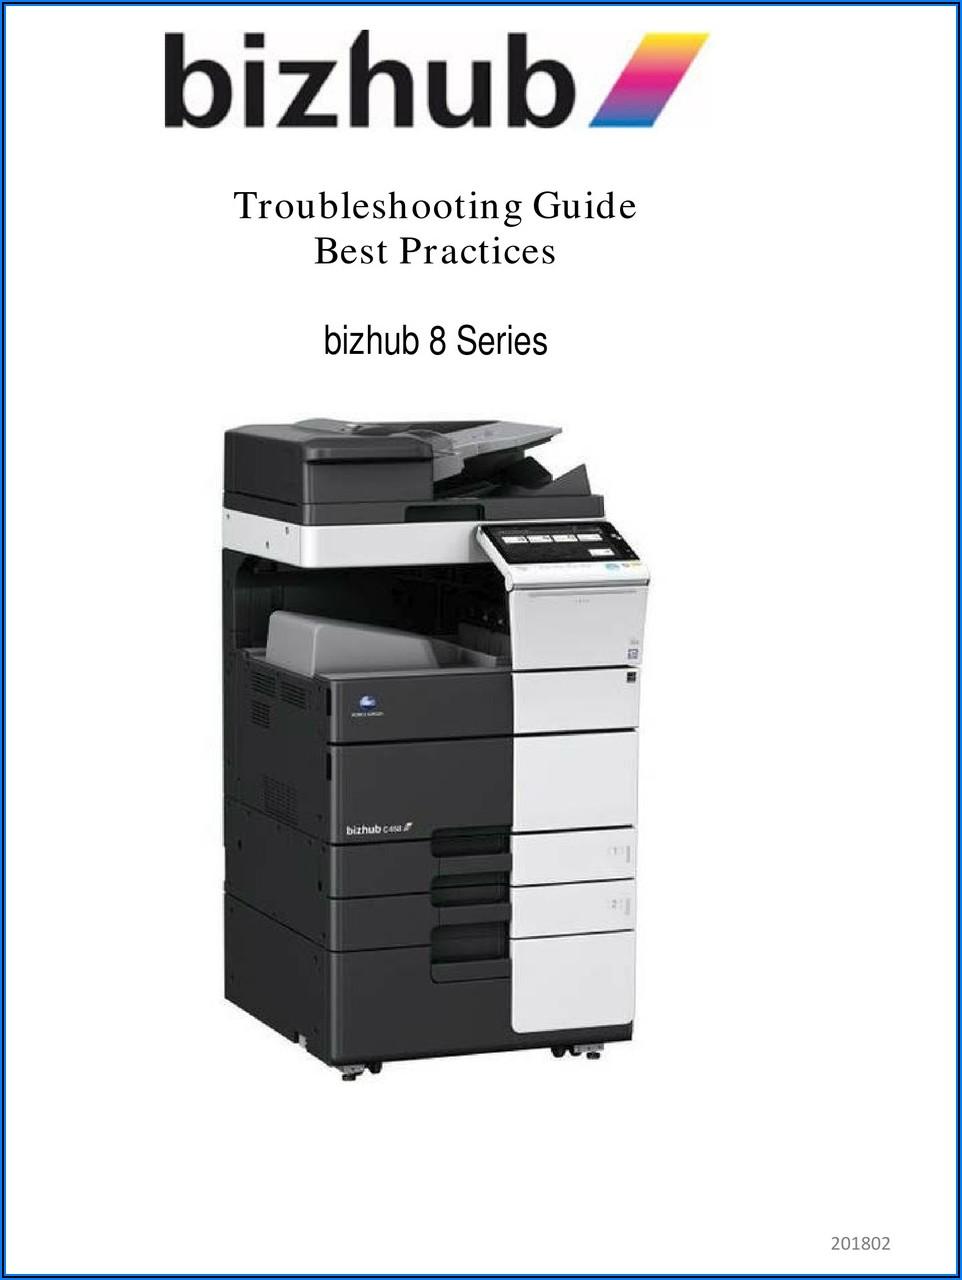 Bizhub C258 Manual Pdf